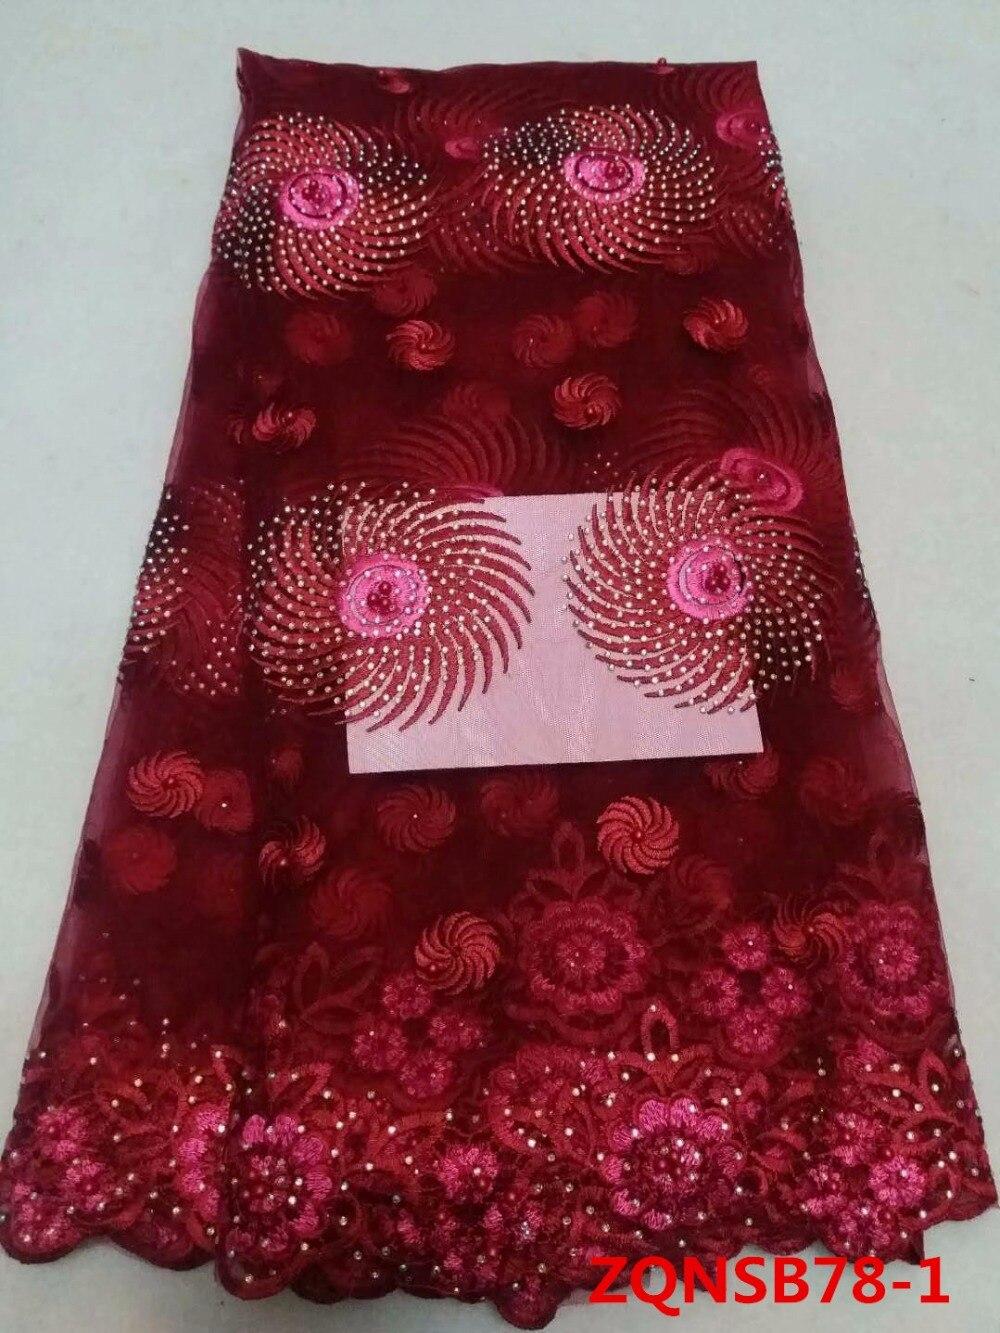 Chine fournisseur Rachel africain dentelle tissu fantaisie coton Nylon dentelle pour dame vêtements